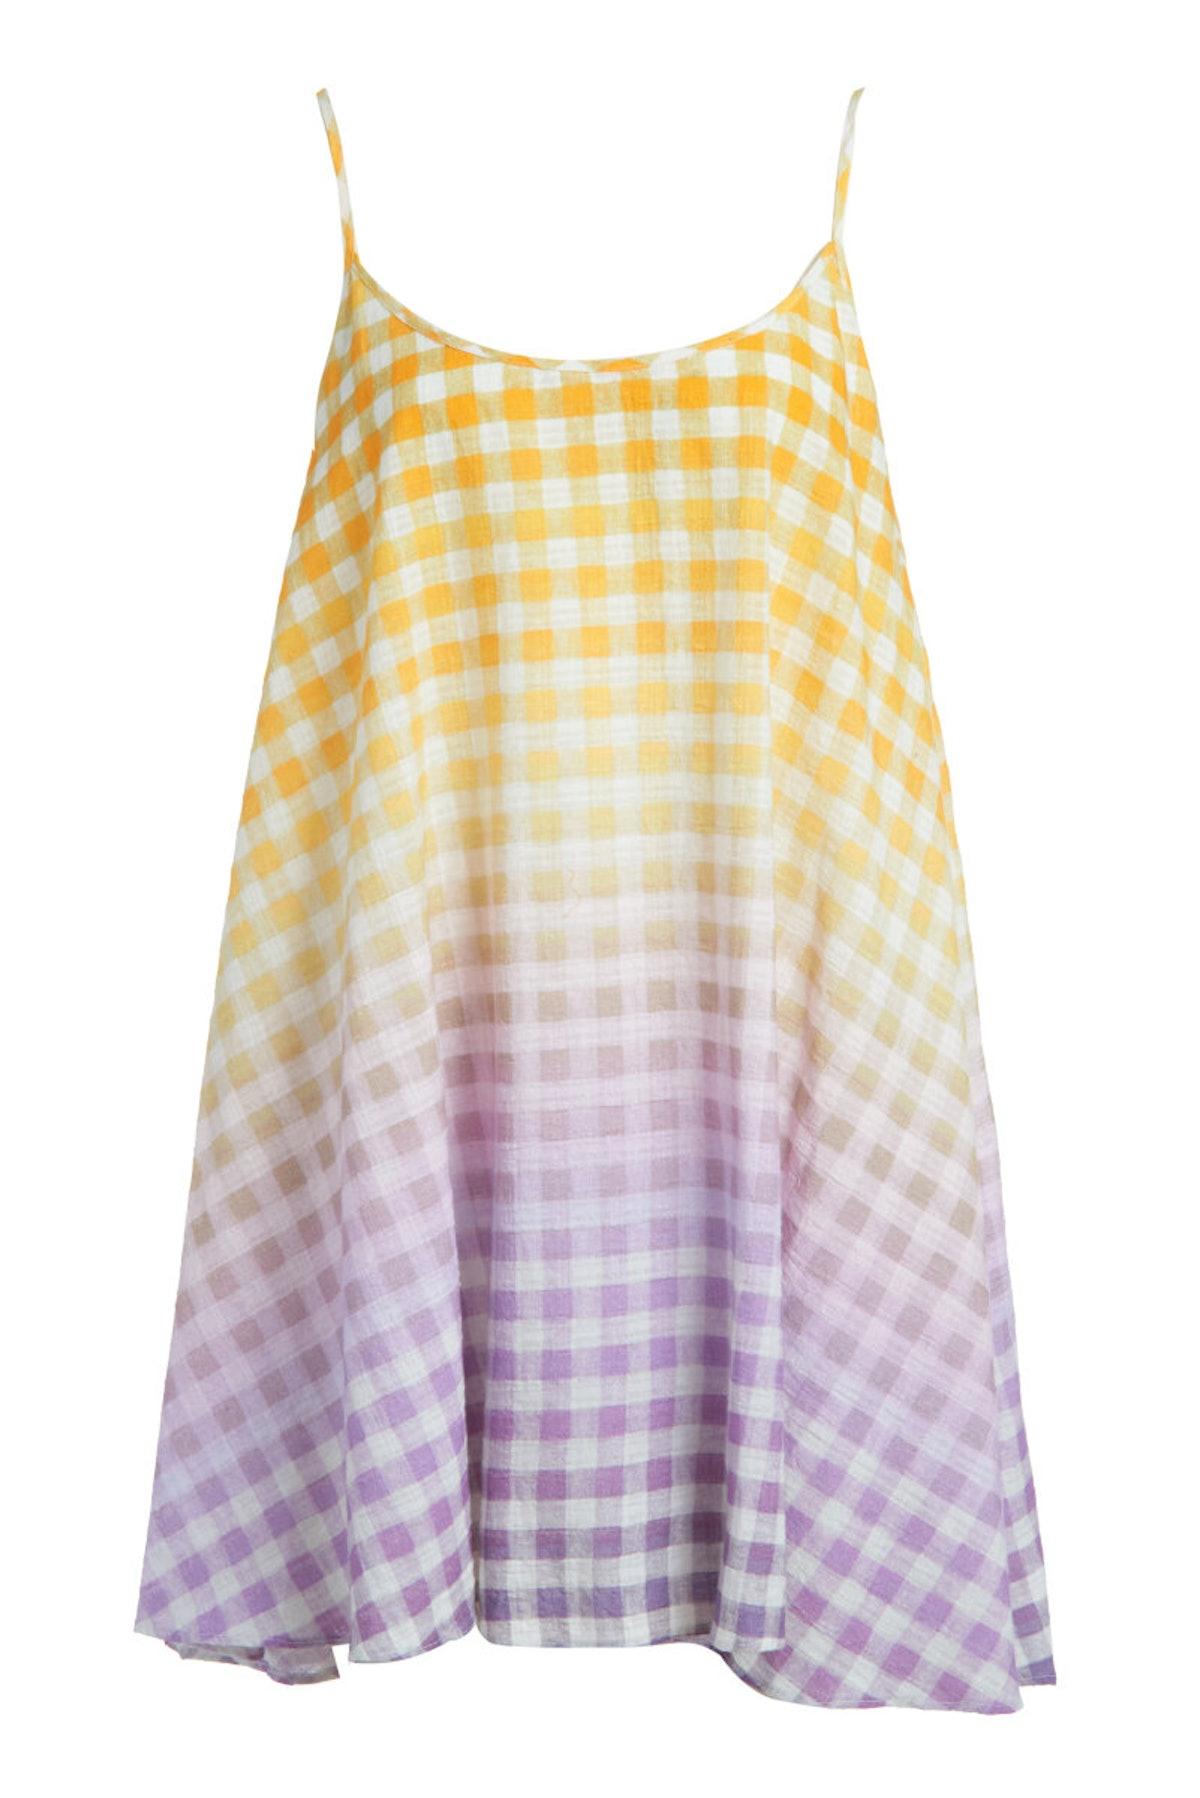 Flared Slip Dress in Cosmic Gingham